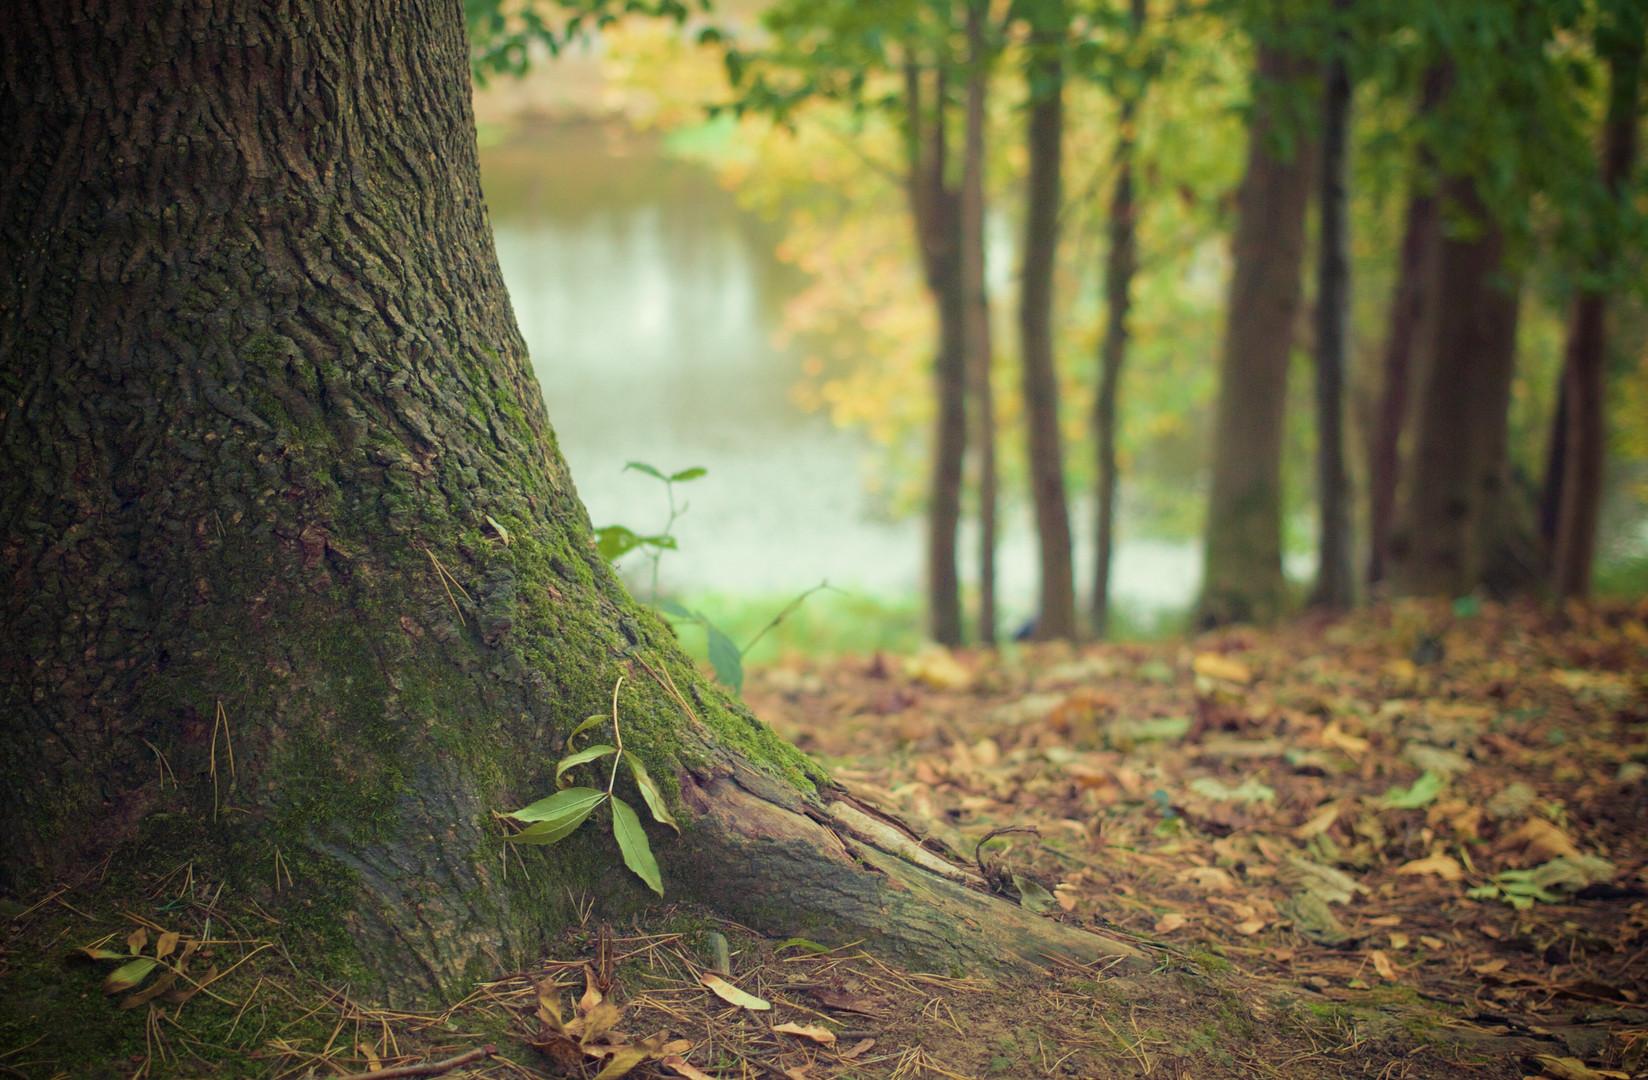 Baumstamm , Wald, Hintergrund Bild.jpg